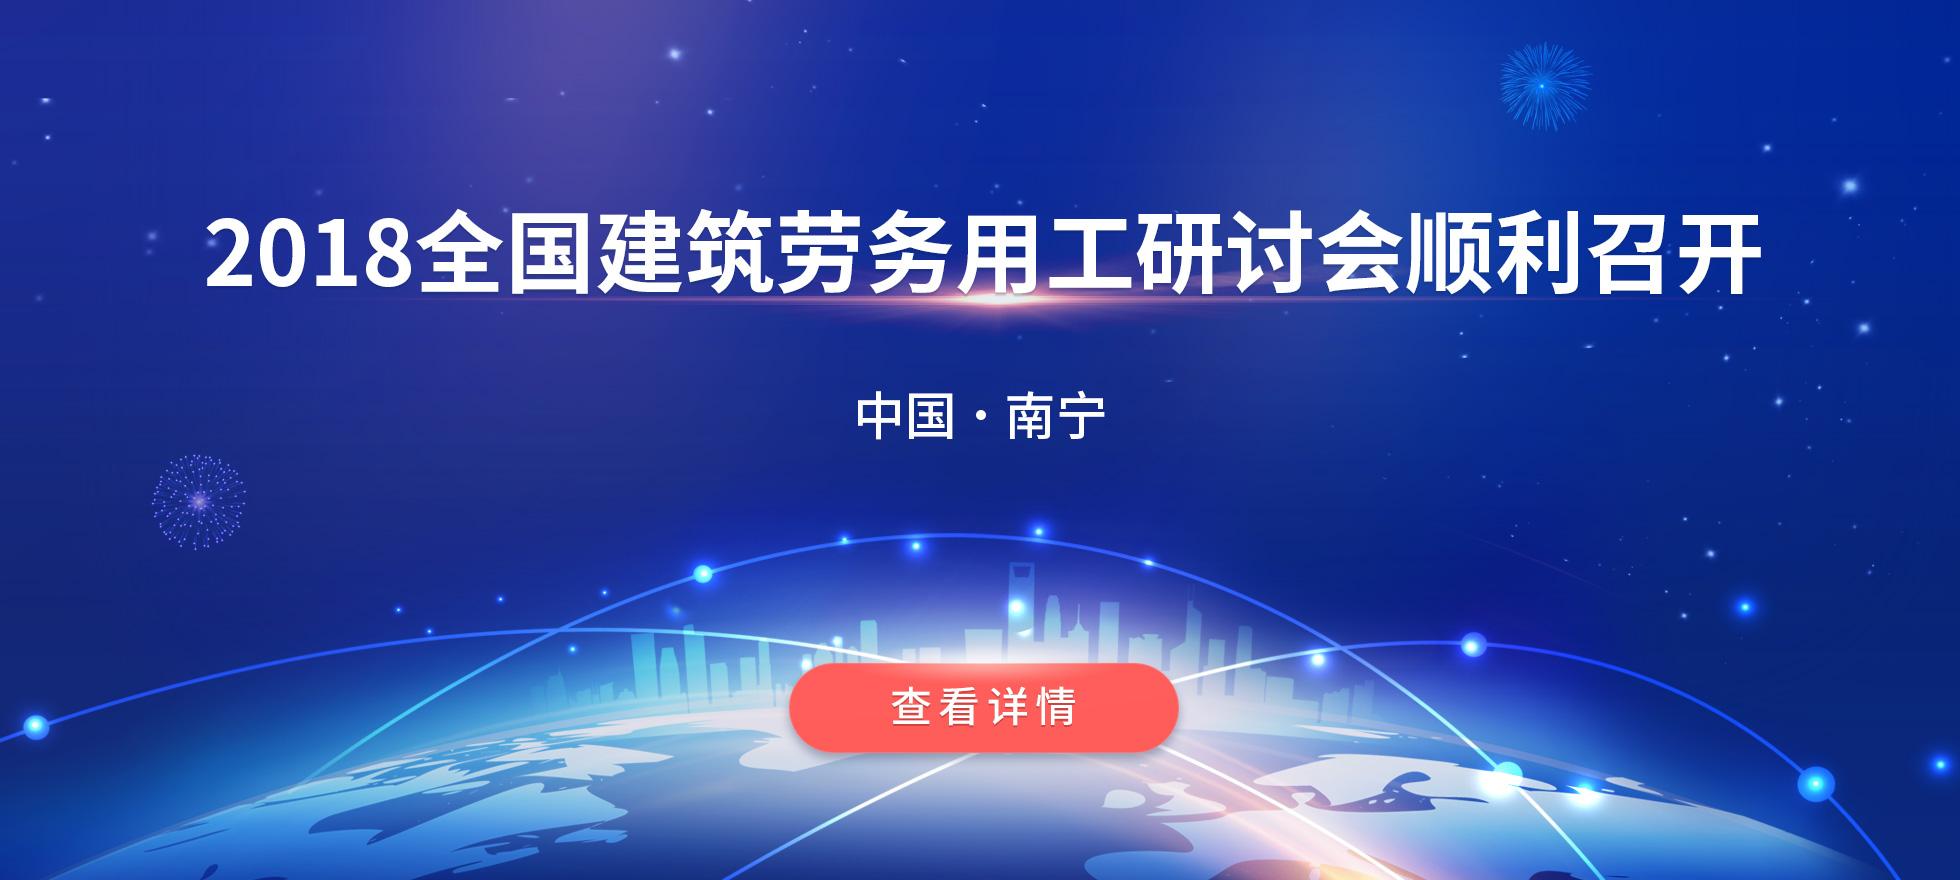 2018年全国建筑劳务用工研讨会顺利召开